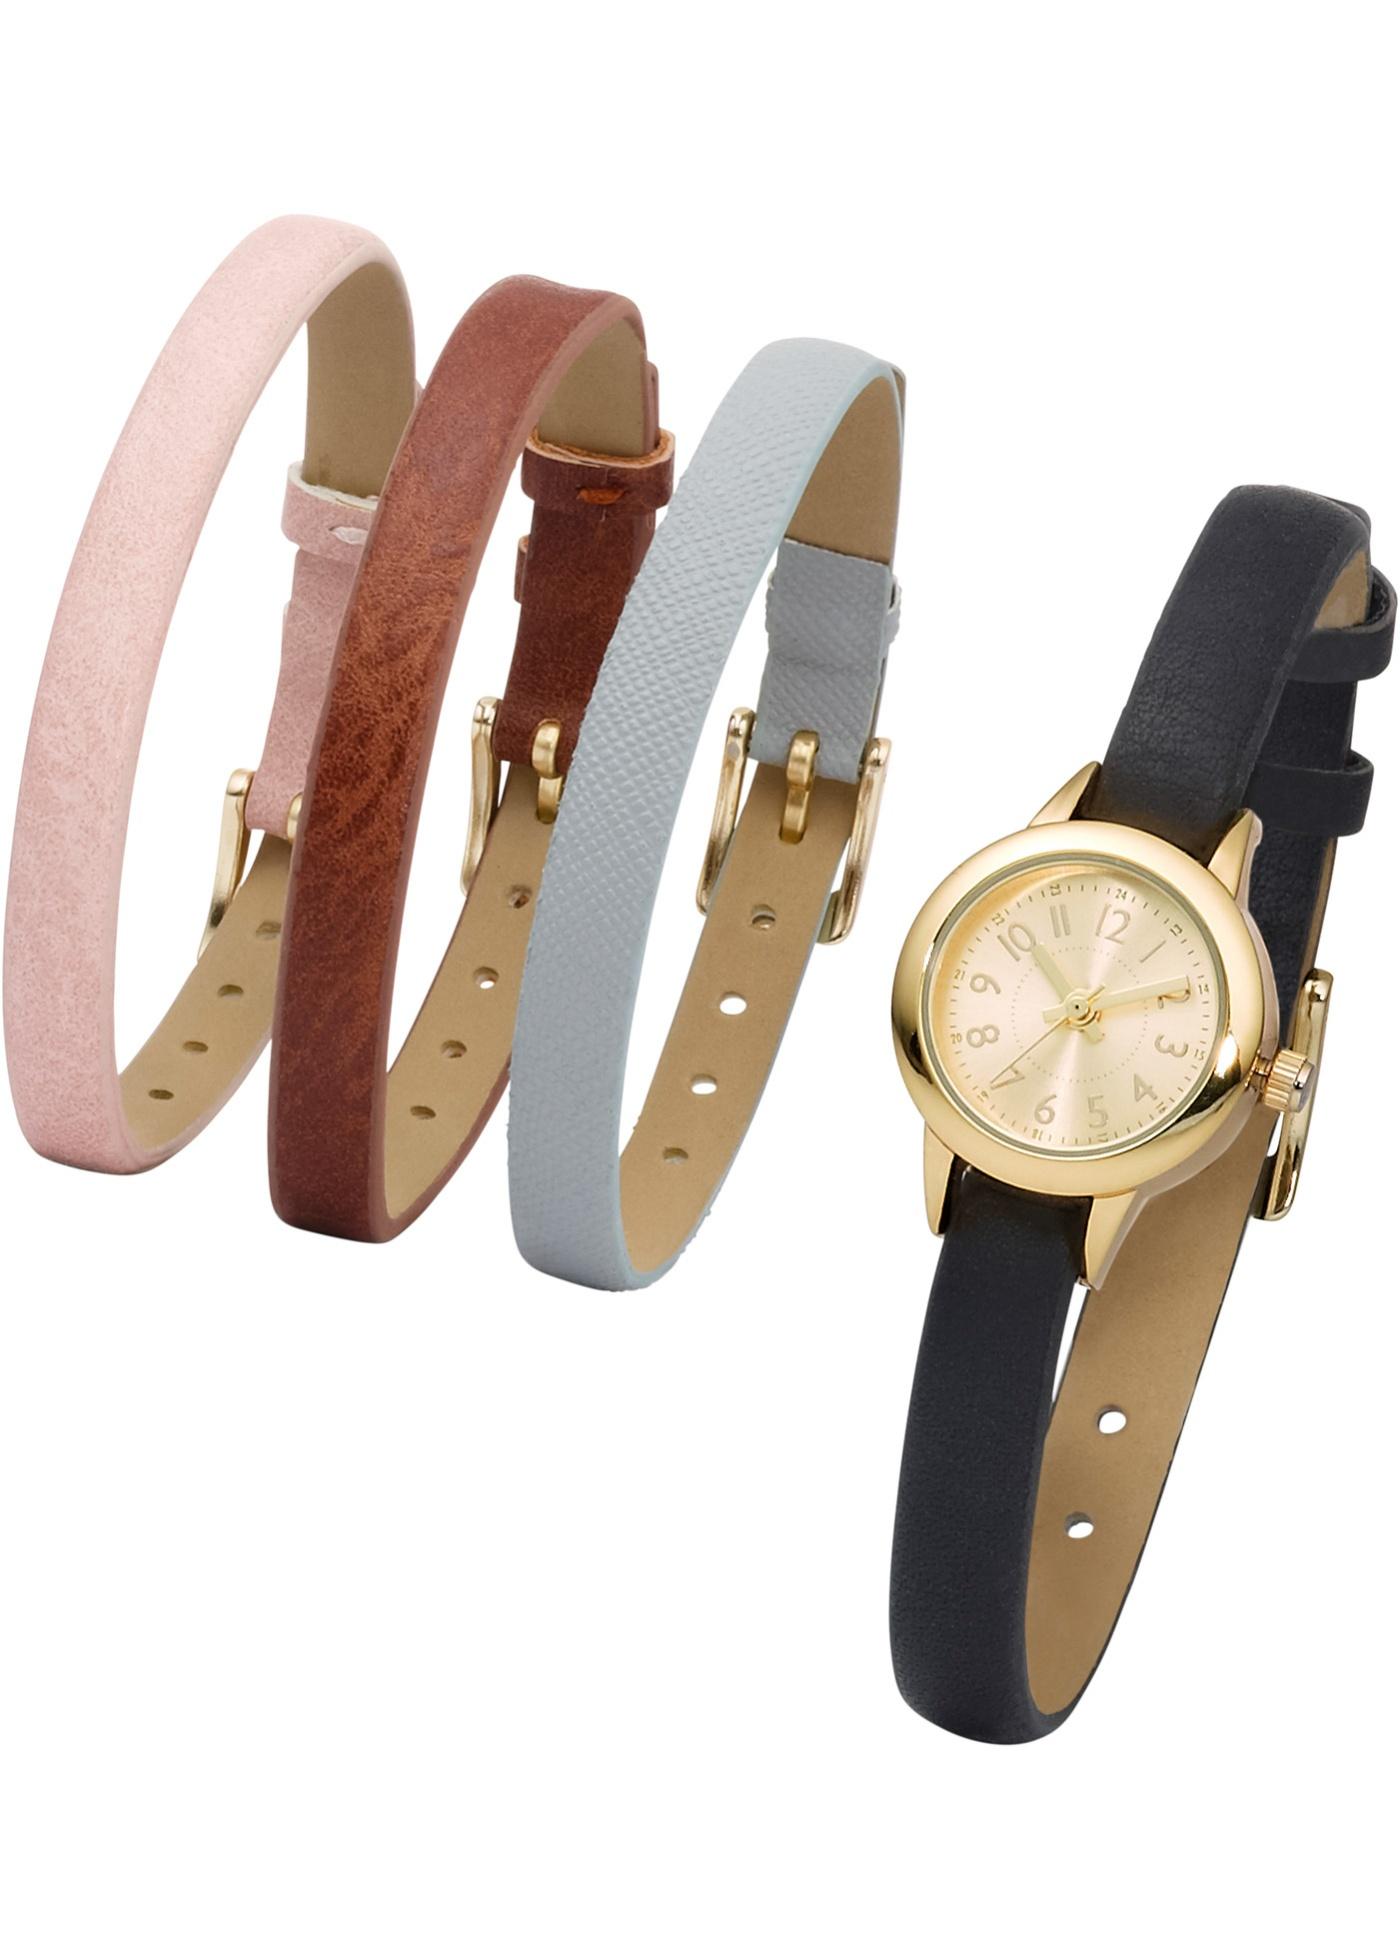 Montre avec 4 bracelets interchangeables